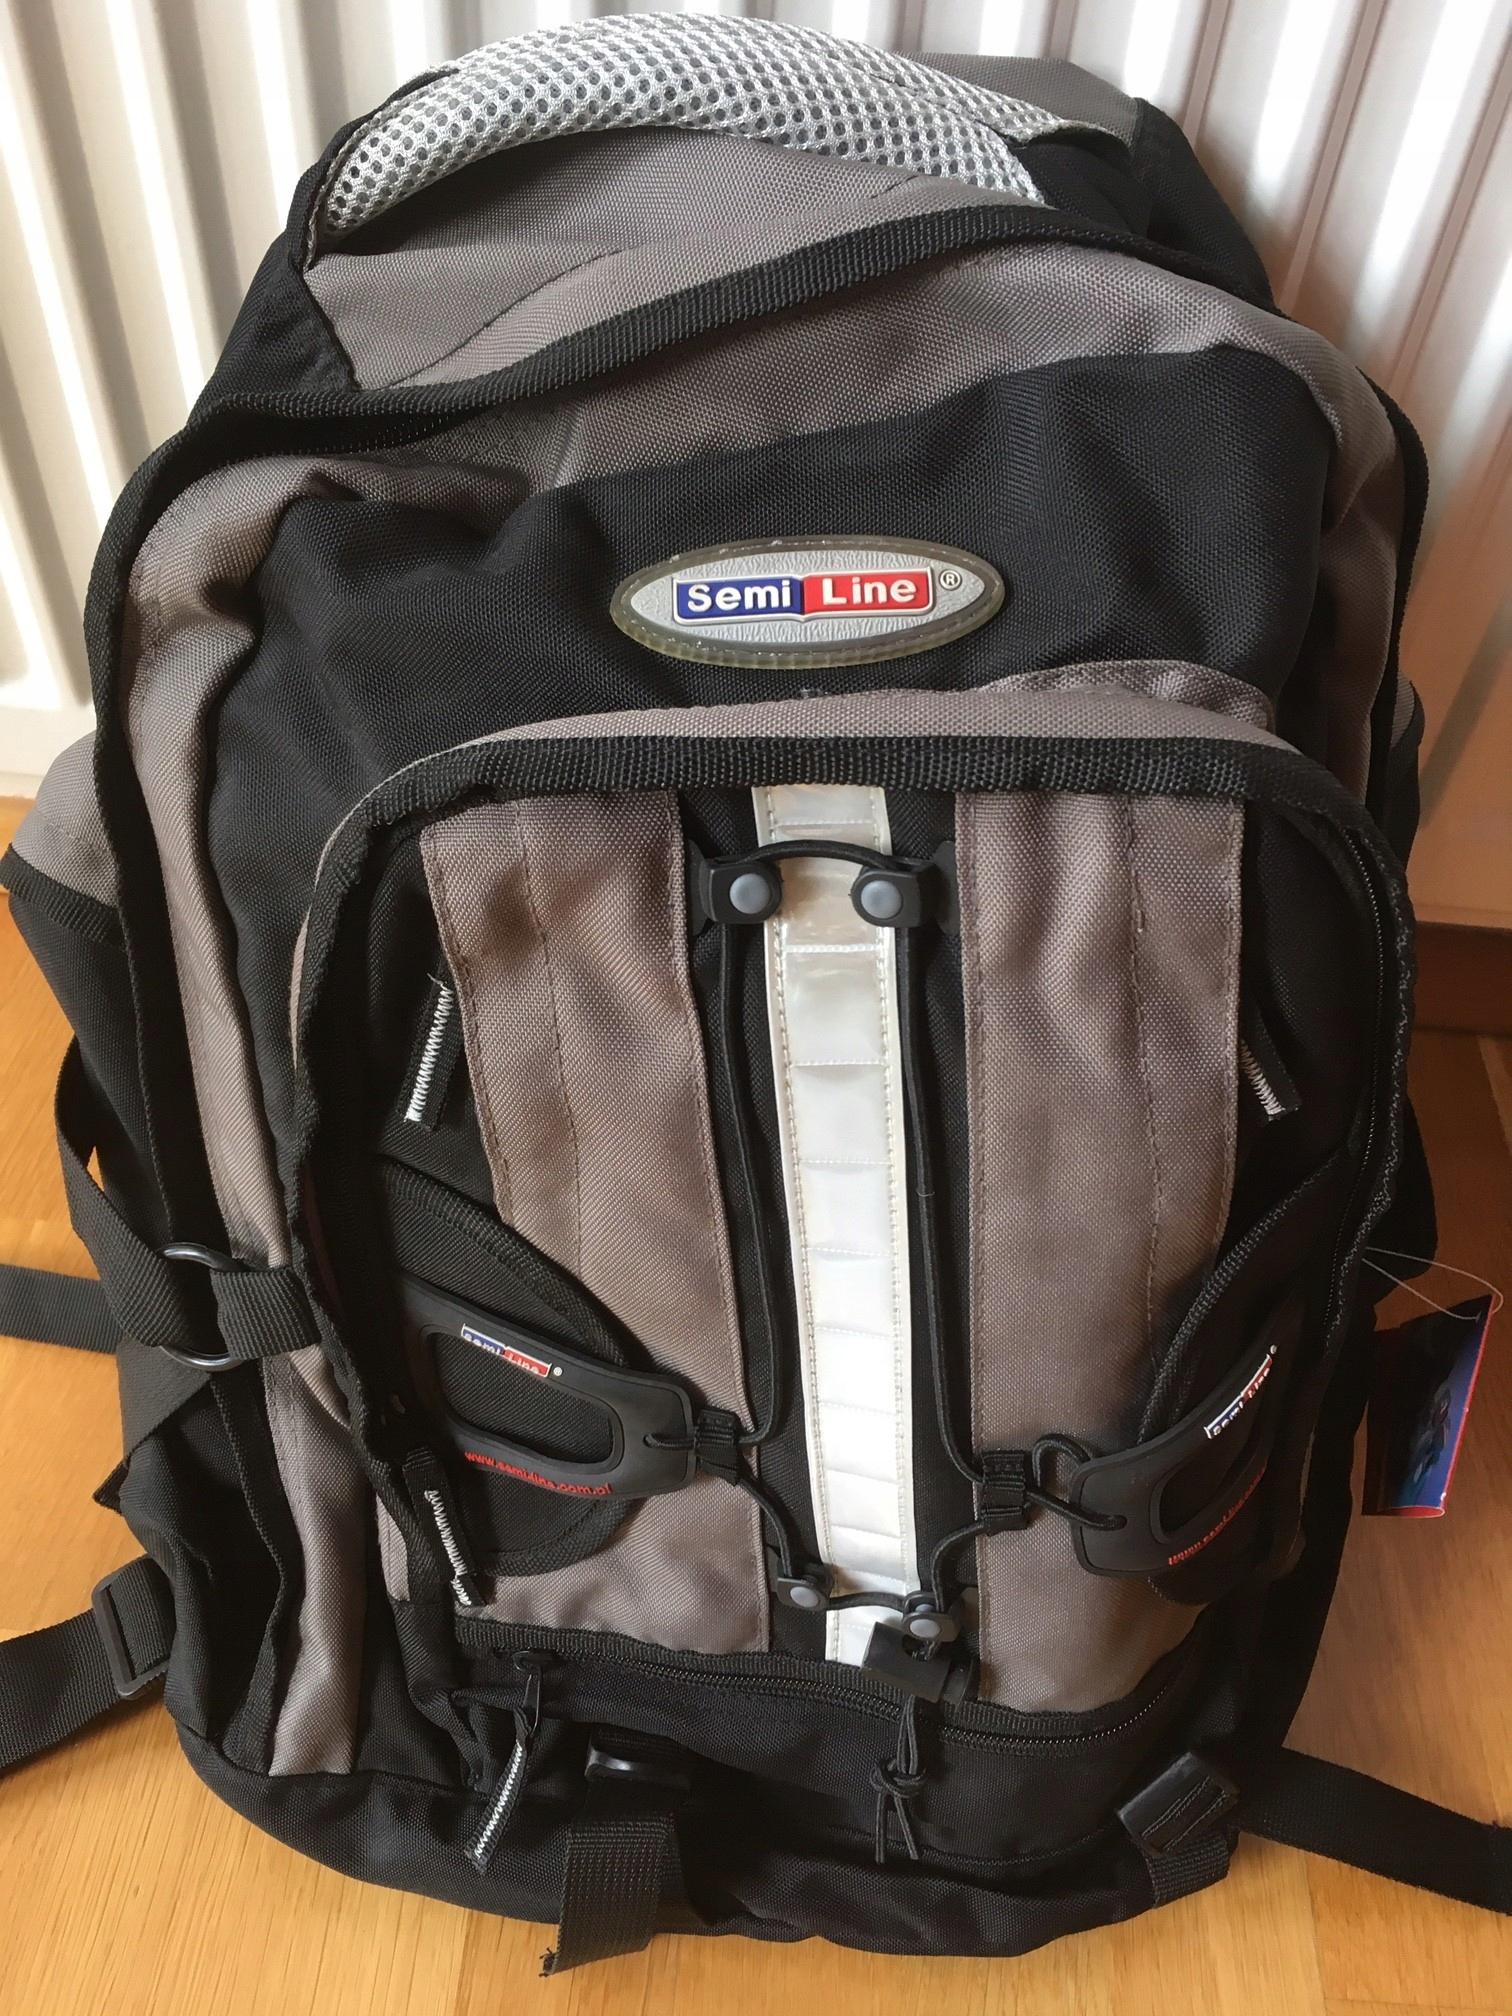 6616777493641 line 40 w kategorii Plecaki w Oficjalnym Archiwum Allegro - archiwum ofert